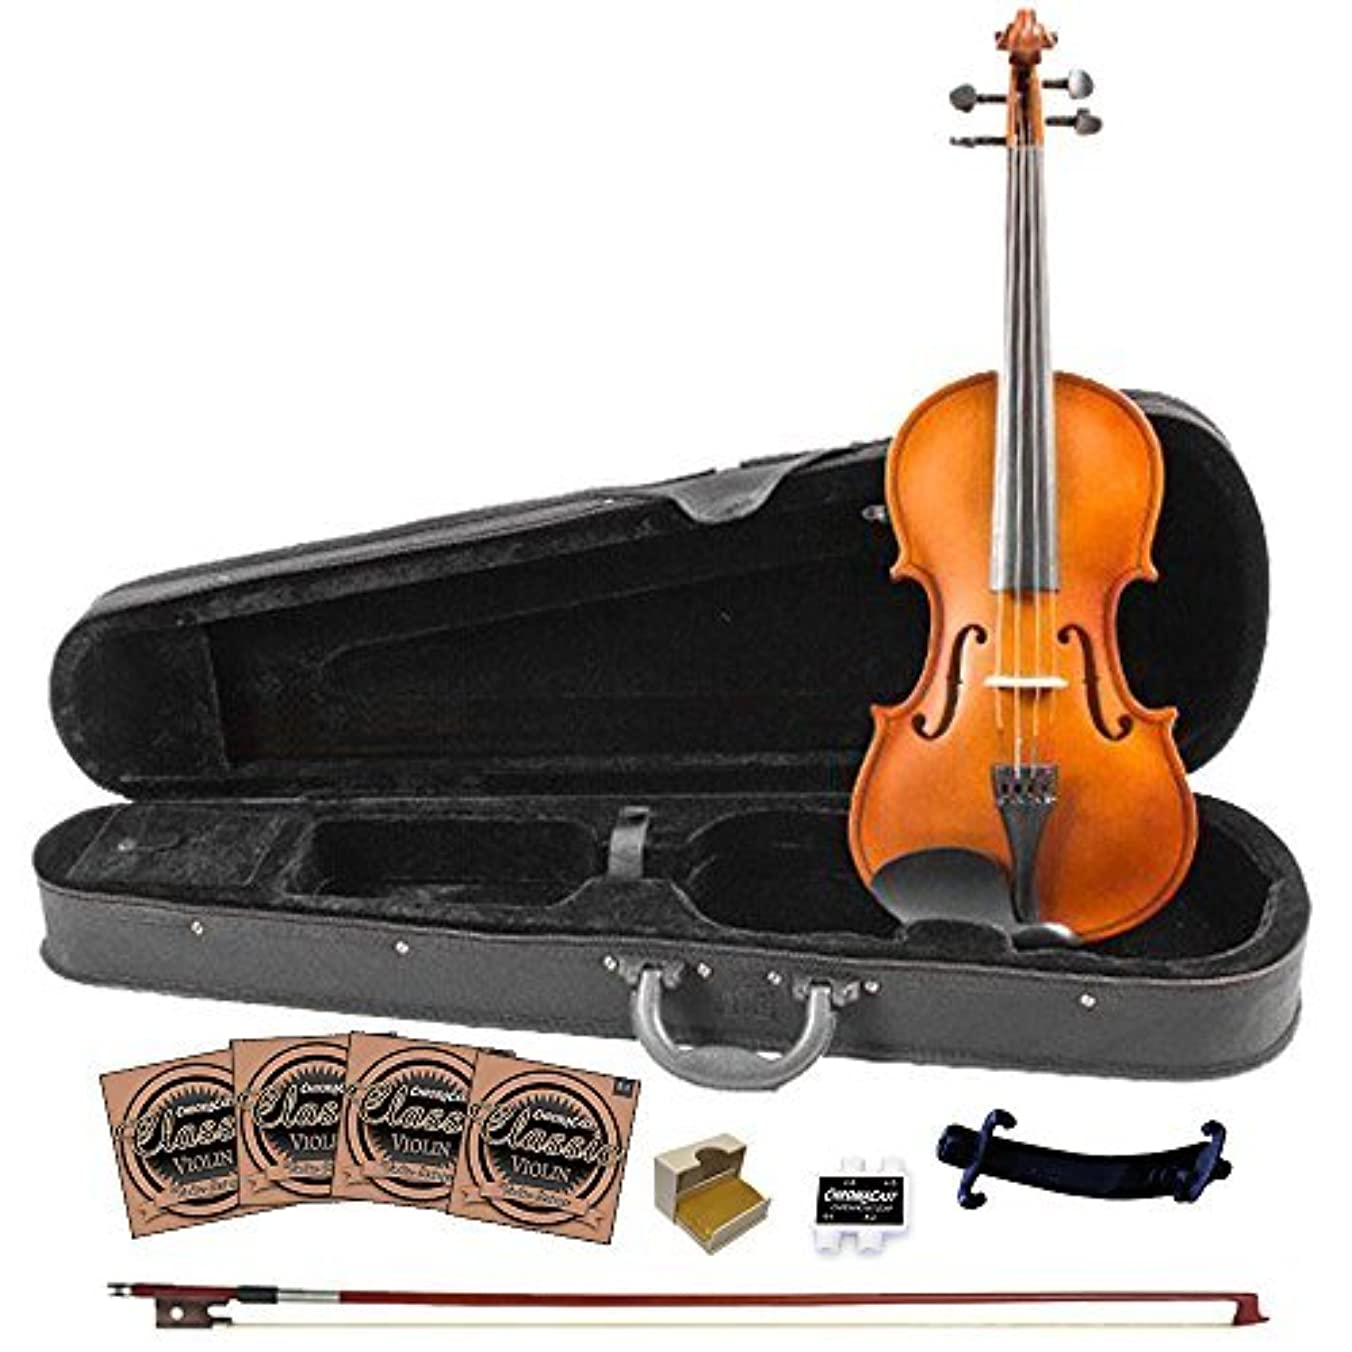 まともな彫刻好意的Rise by Sawtooth ST-RISE-VFLAME Beginner'S Violin Full Size [並行輸入品]